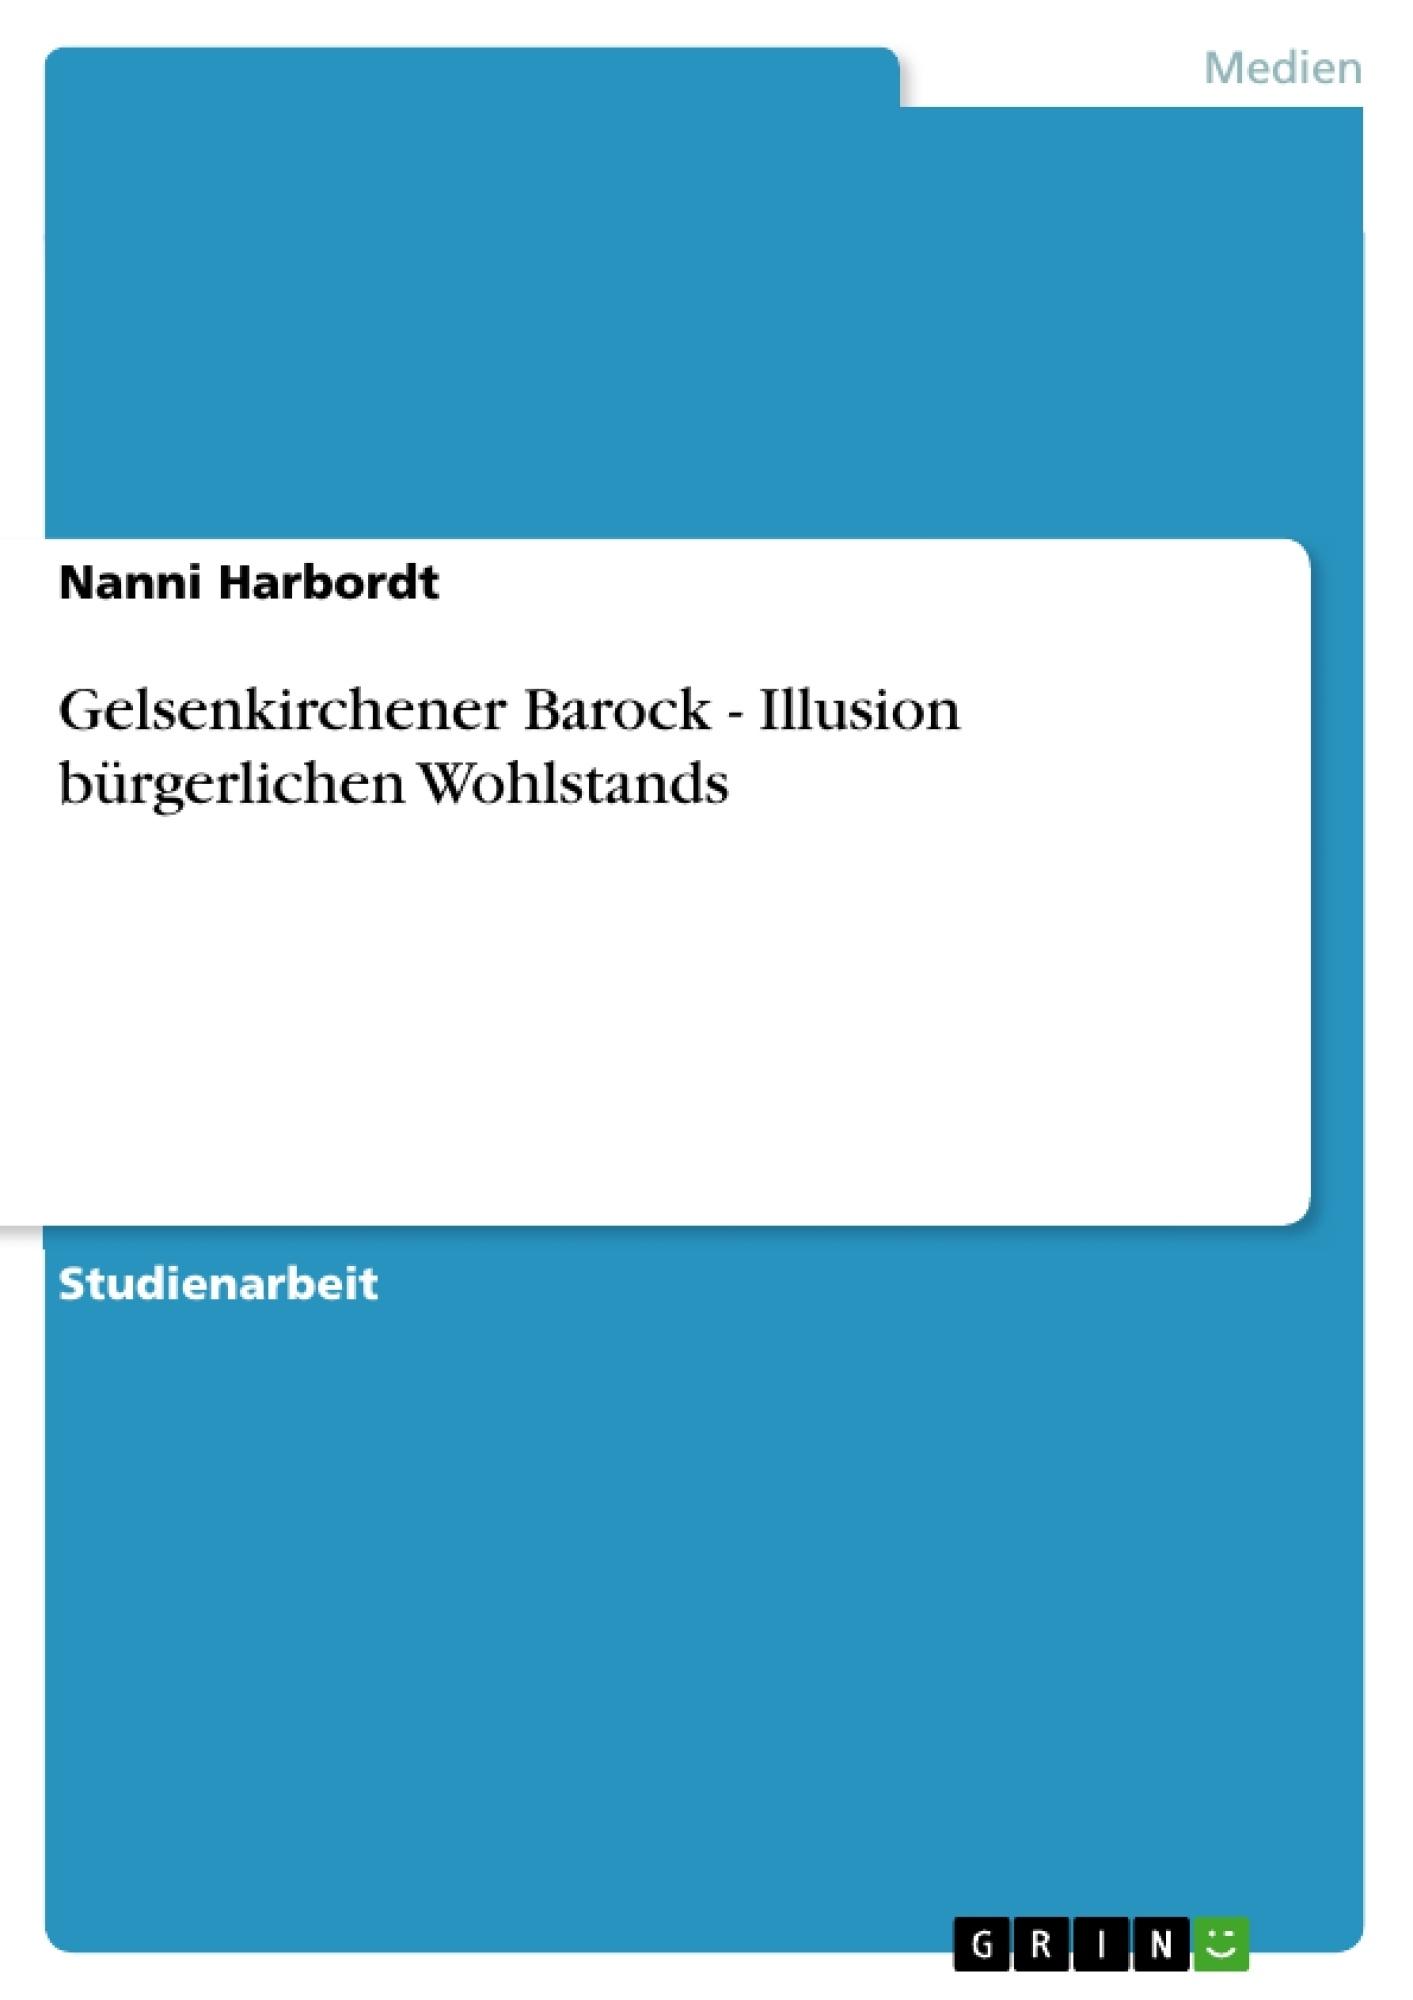 Titel: Gelsenkirchener Barock - Illusion bürgerlichen Wohlstands